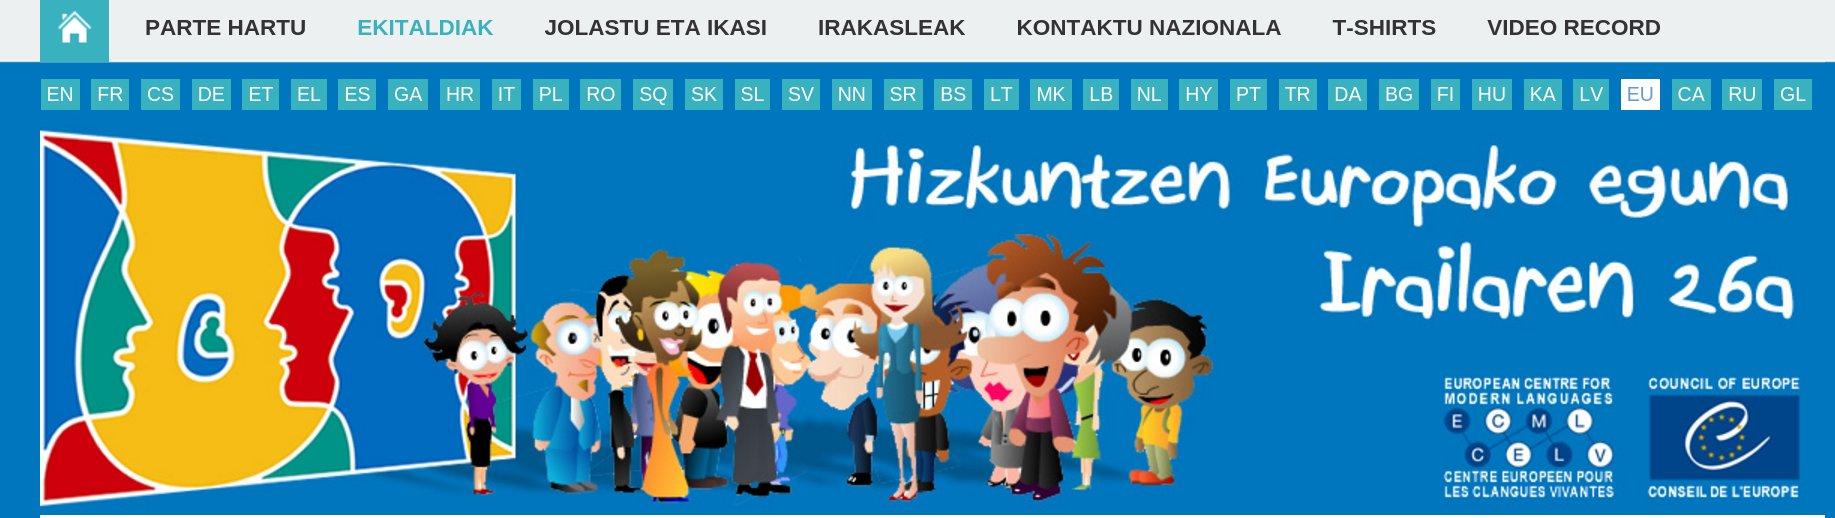 Hizkuntzen Europako eguna irailak 26